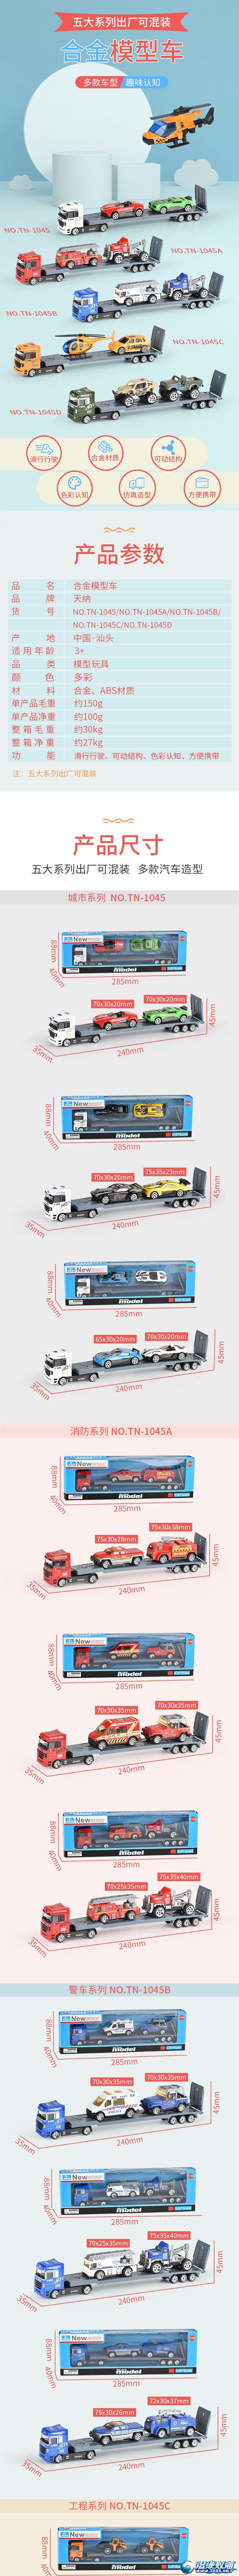 天纳玩具厂-(TN-1045)-合金车模型-中文详情页_01.jpg